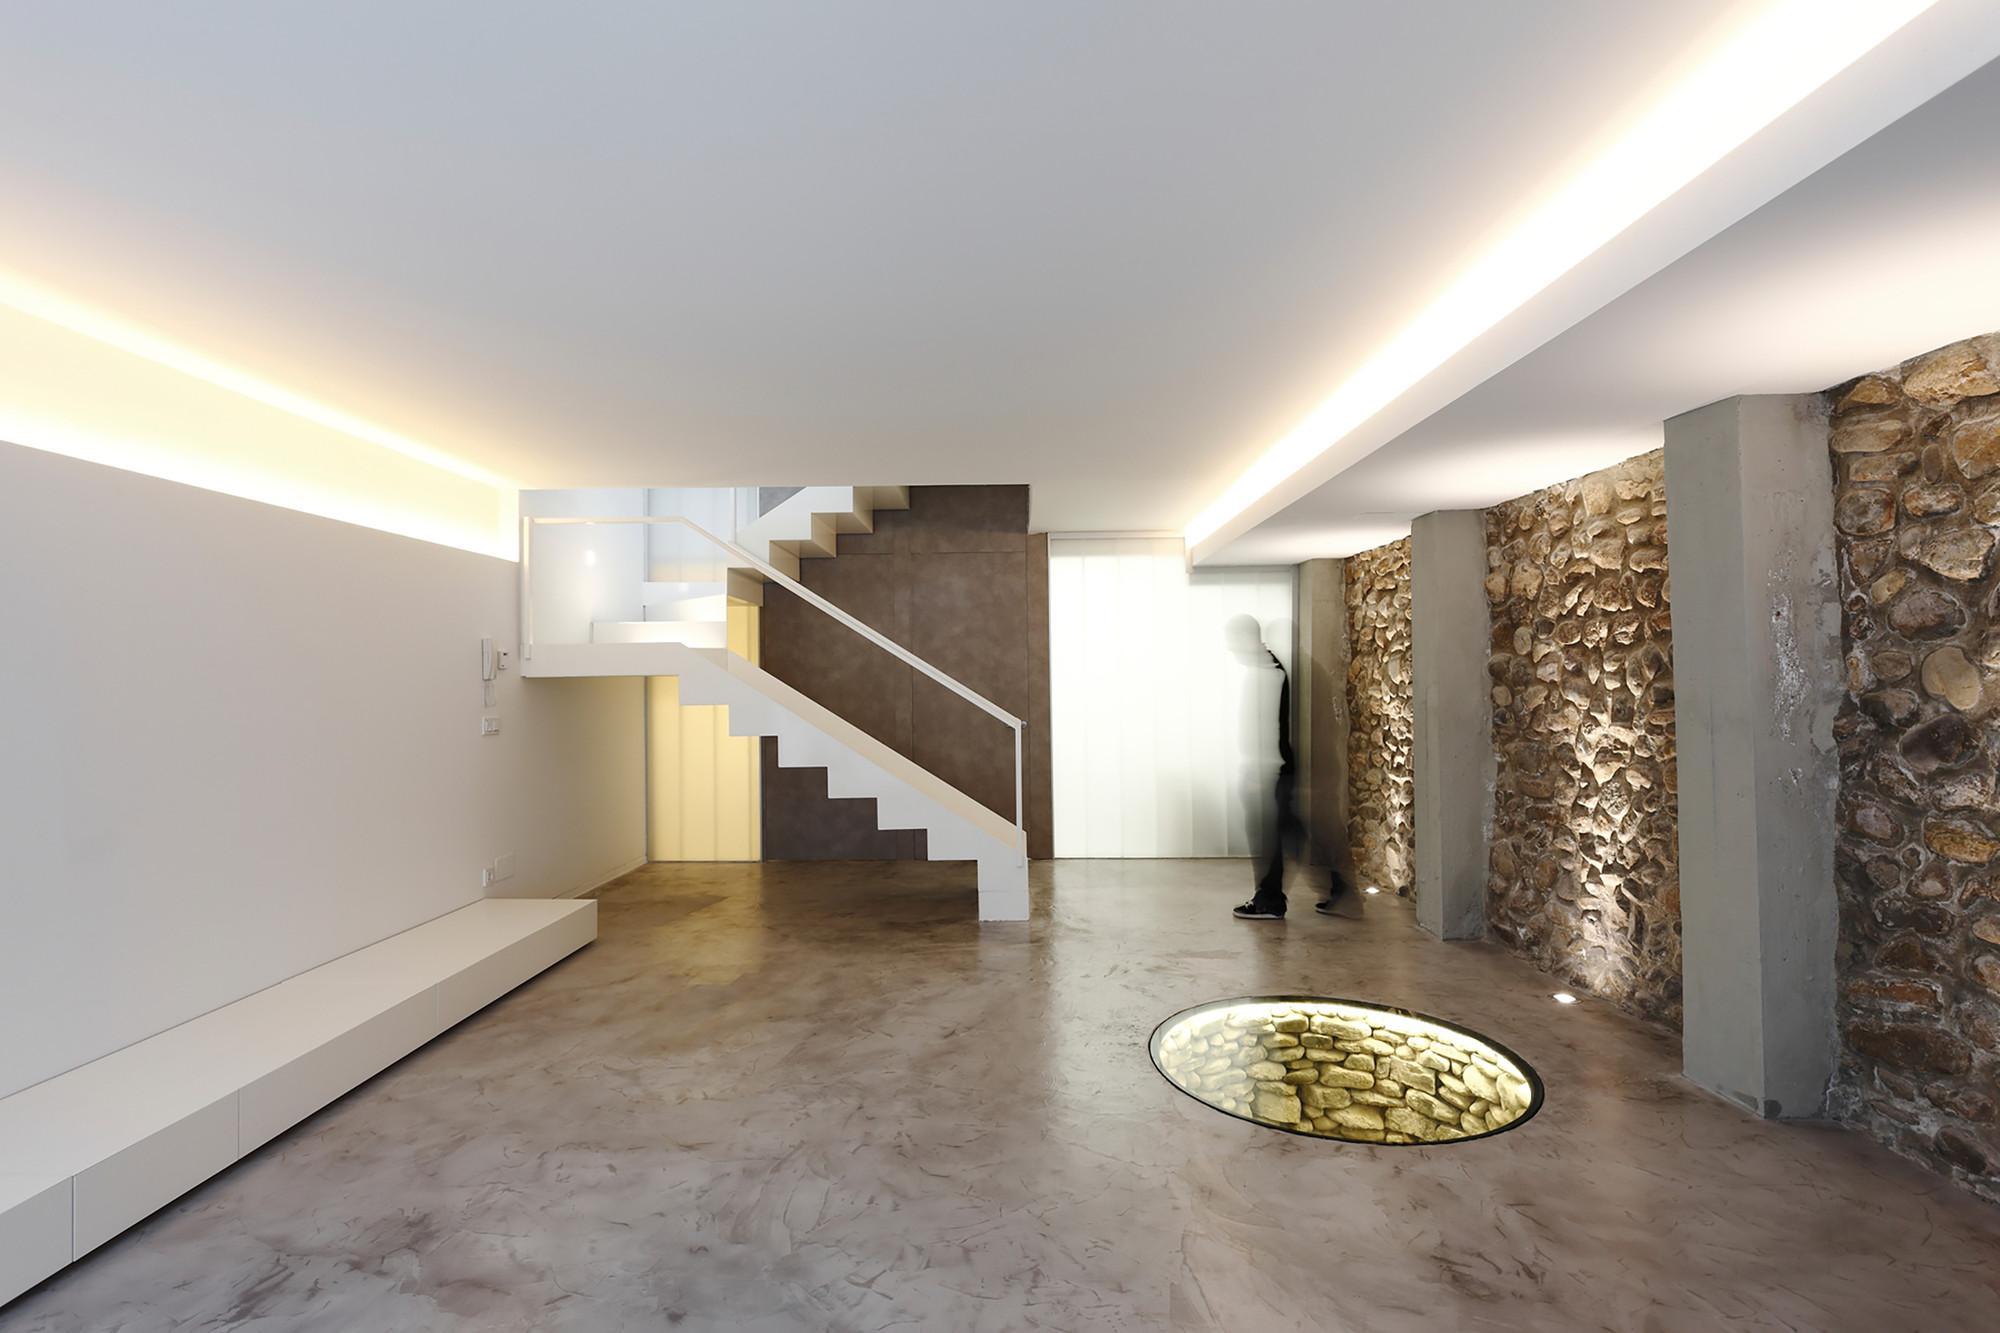 House #20 / Rue Space, © Aitor Estévez